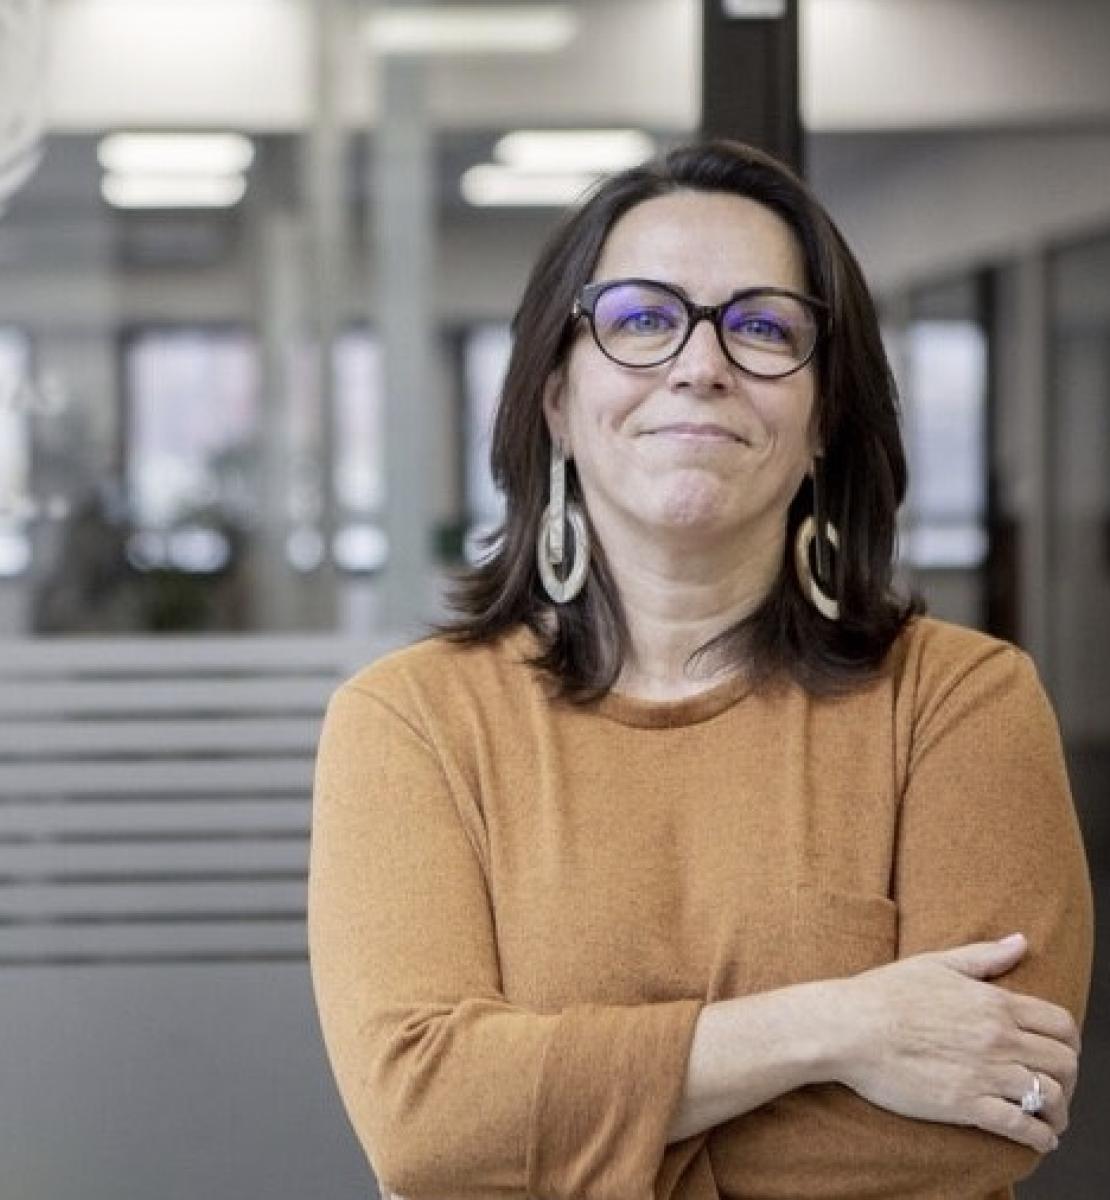 Mireia Villar Forner, de l'Espagne, est la nouvelle Coordonnatrice résidente des Nations Unies en Colombie. Elle porte des lunettes et se tient debout, face à la caméra, les bras croisés, dans un bureau de l'ONU.